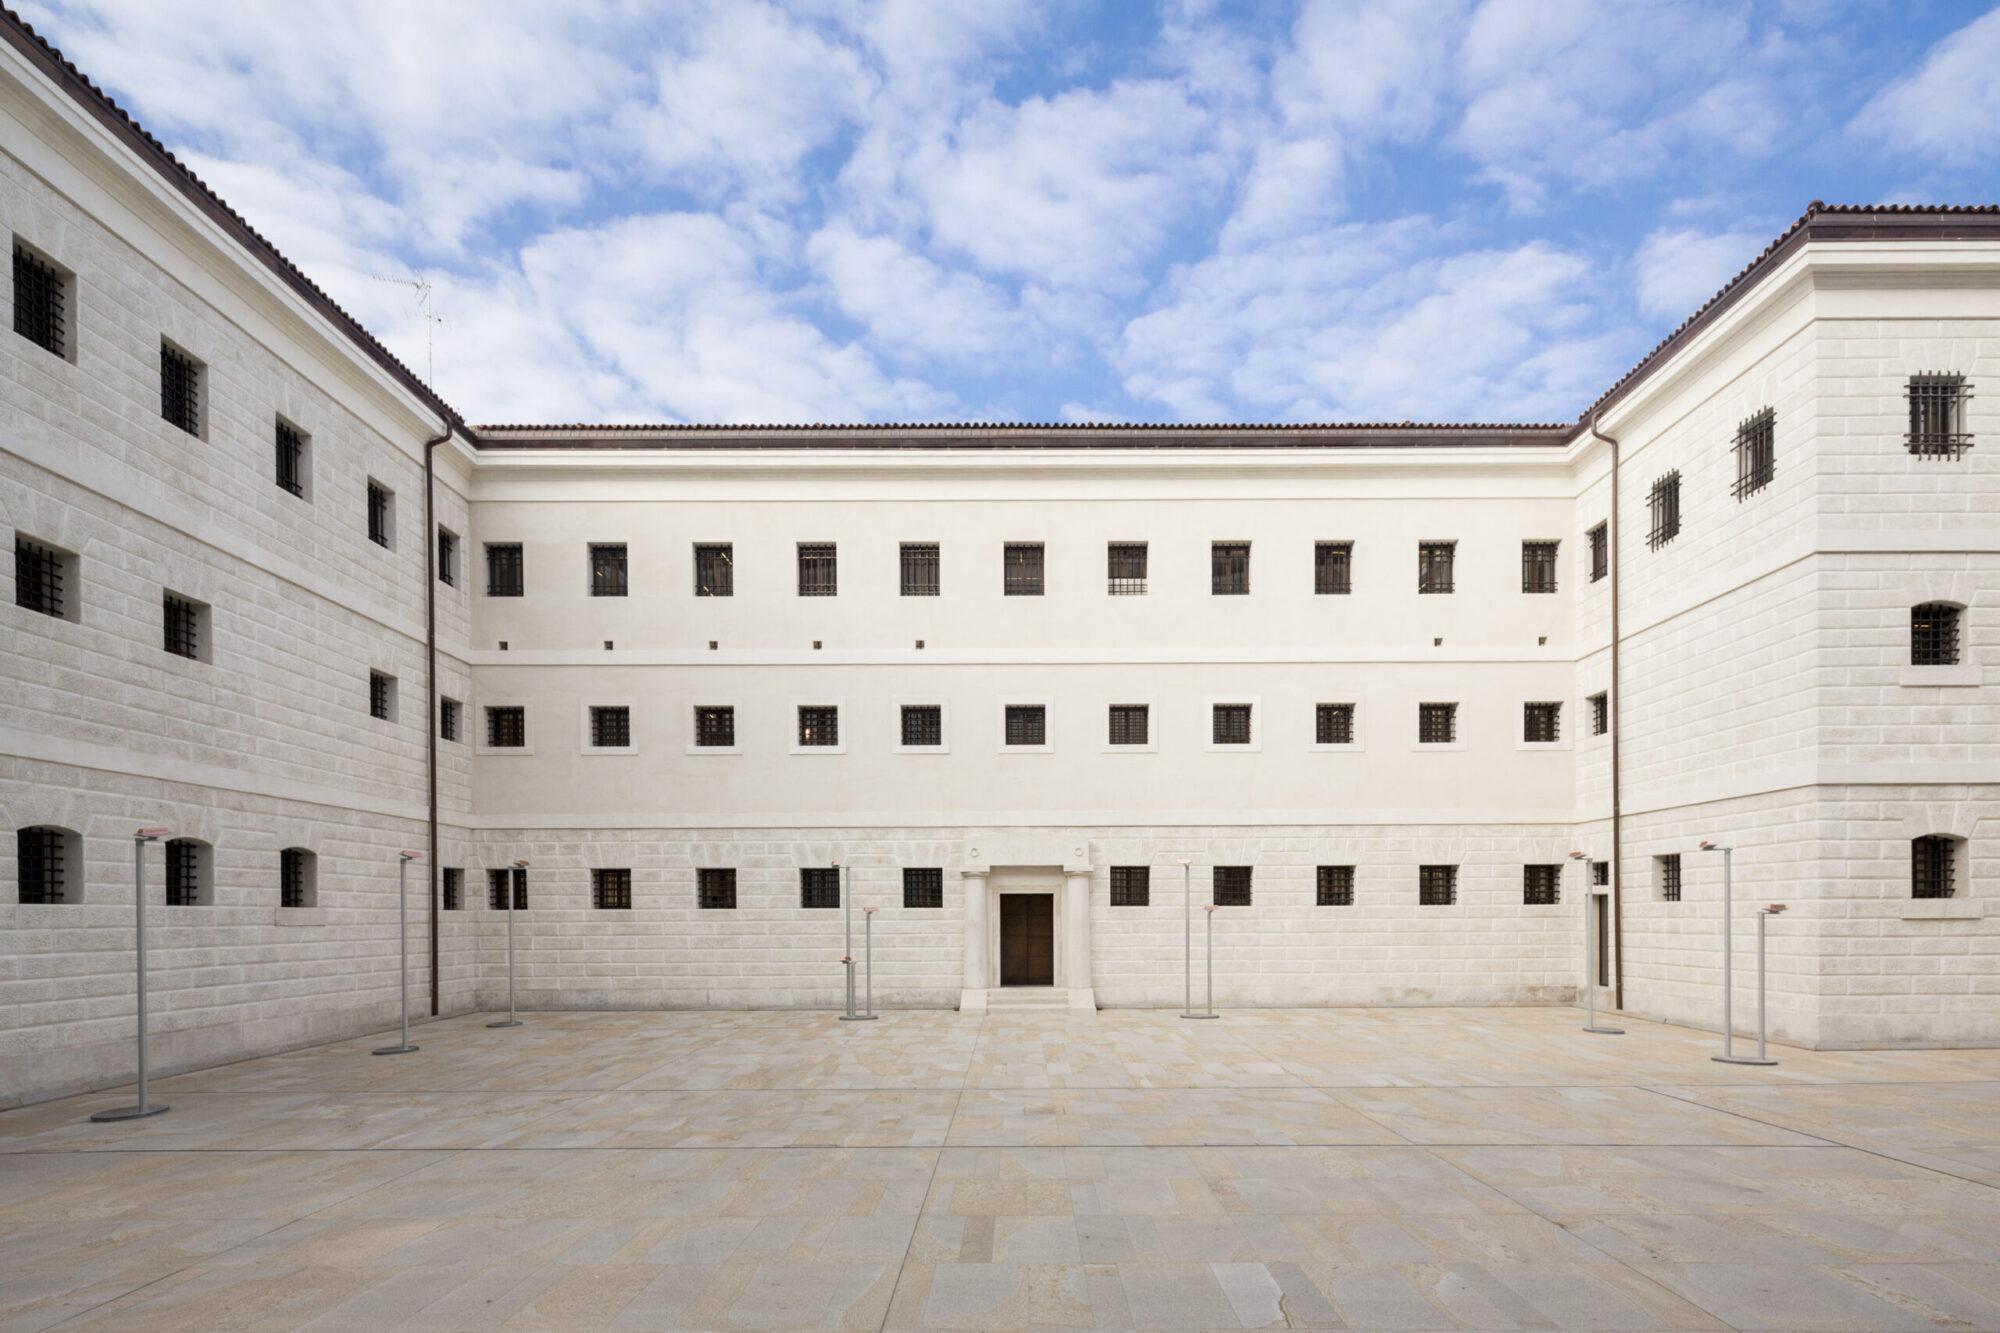 Gallerie delle Prigioni